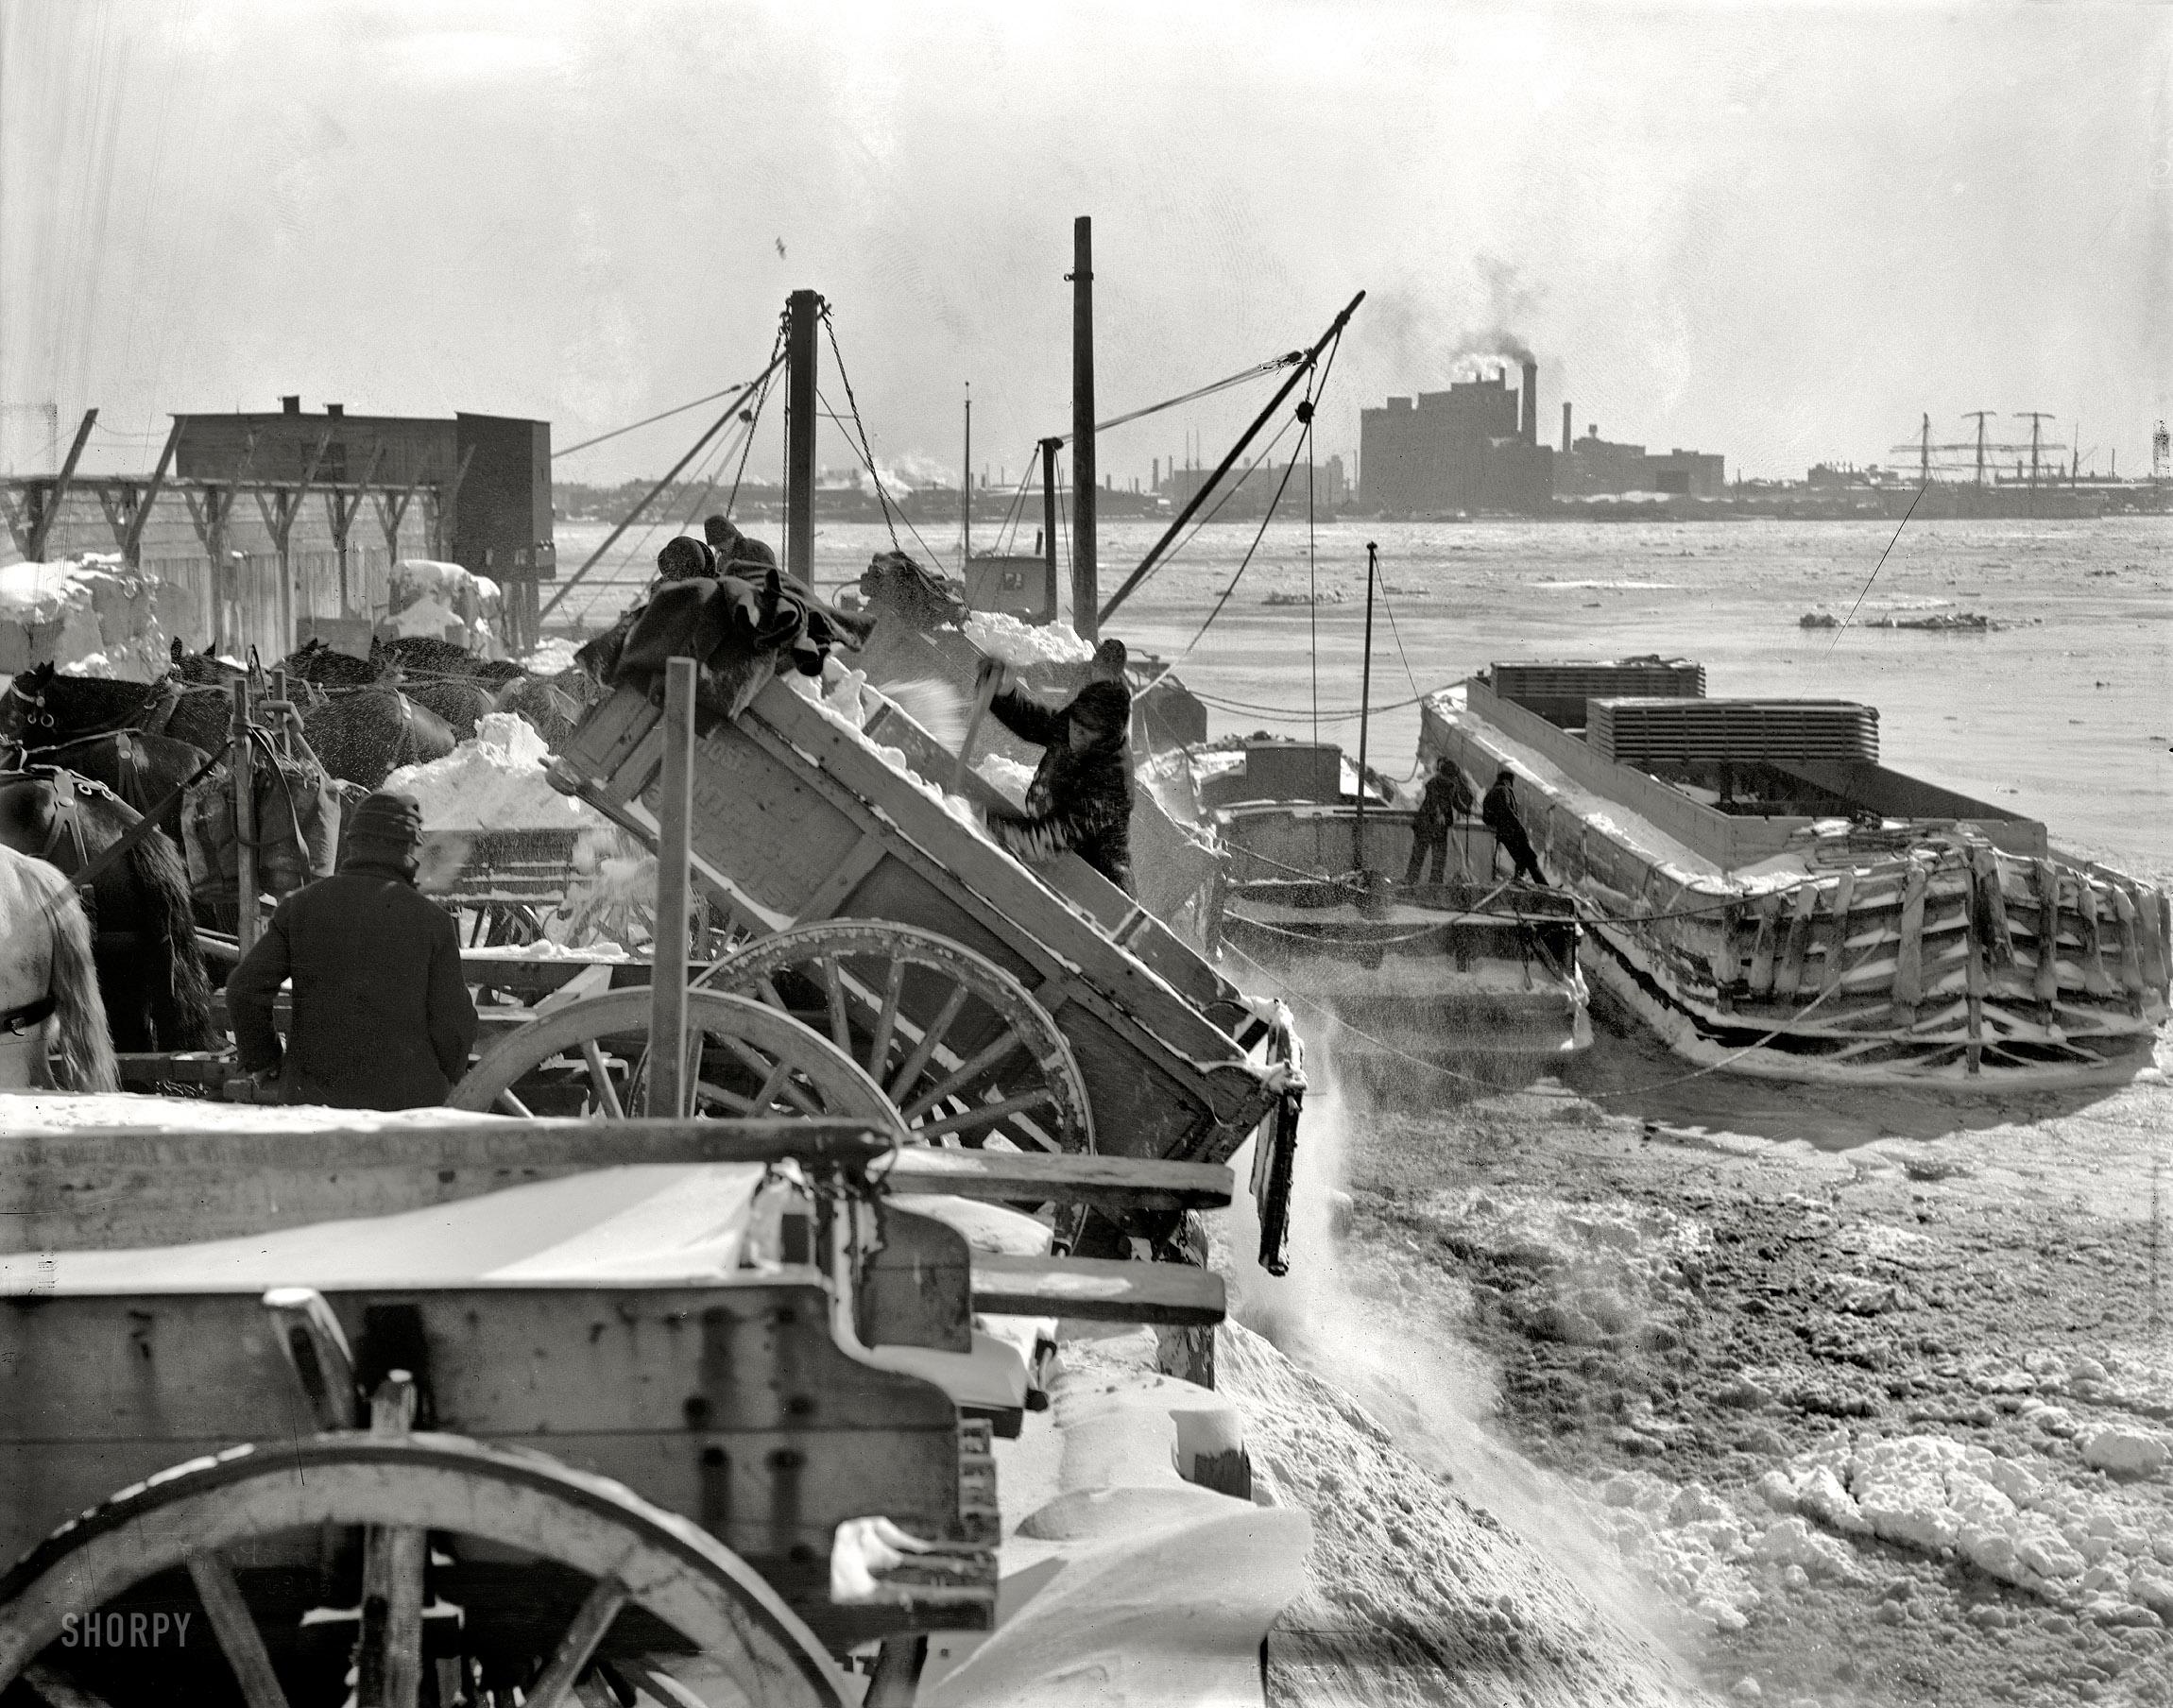 Shorpy Historic Picture Archive Blizzard Dump 1899